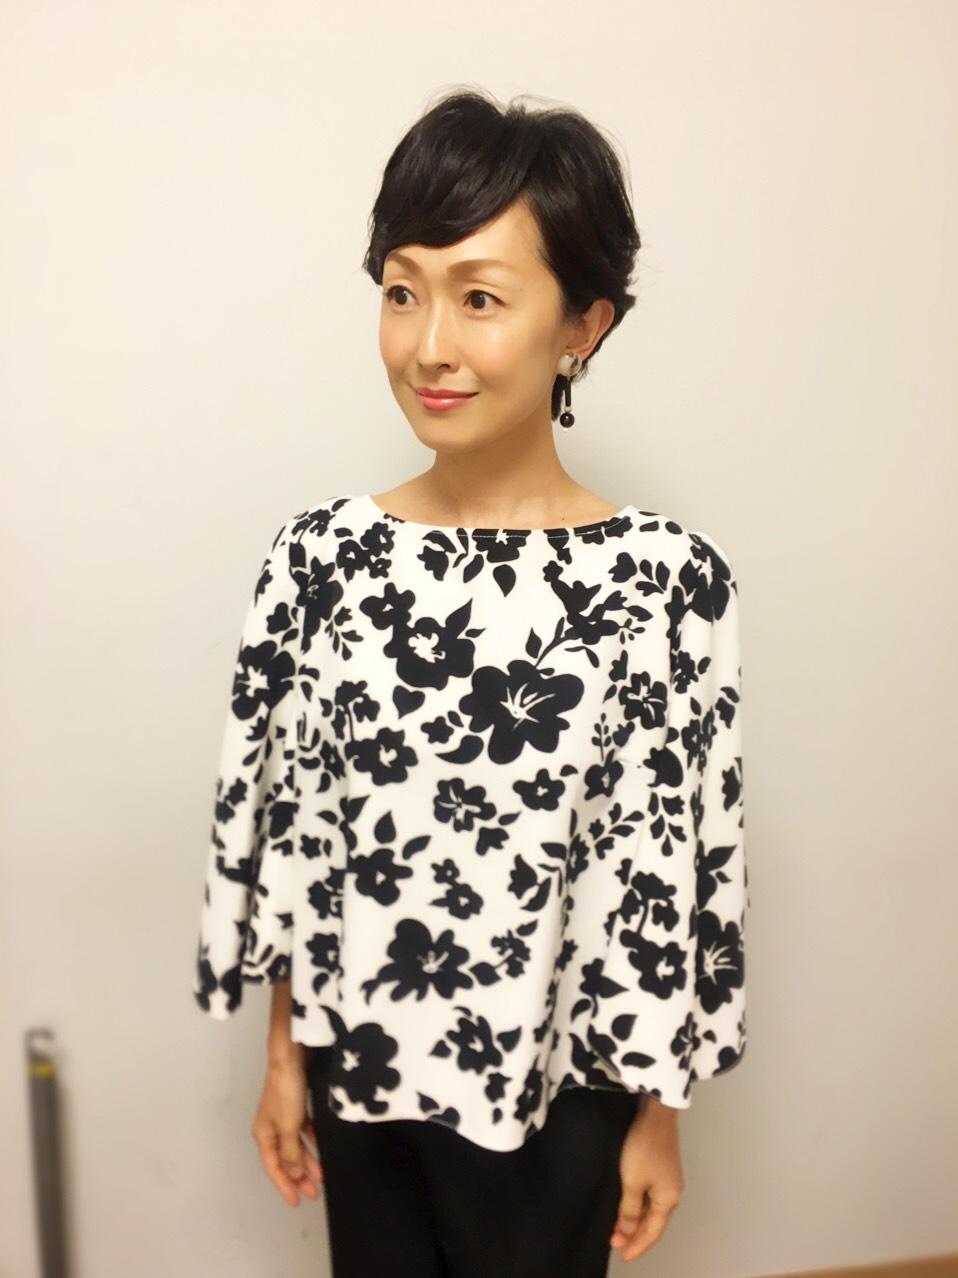 加藤明子アナウンサー